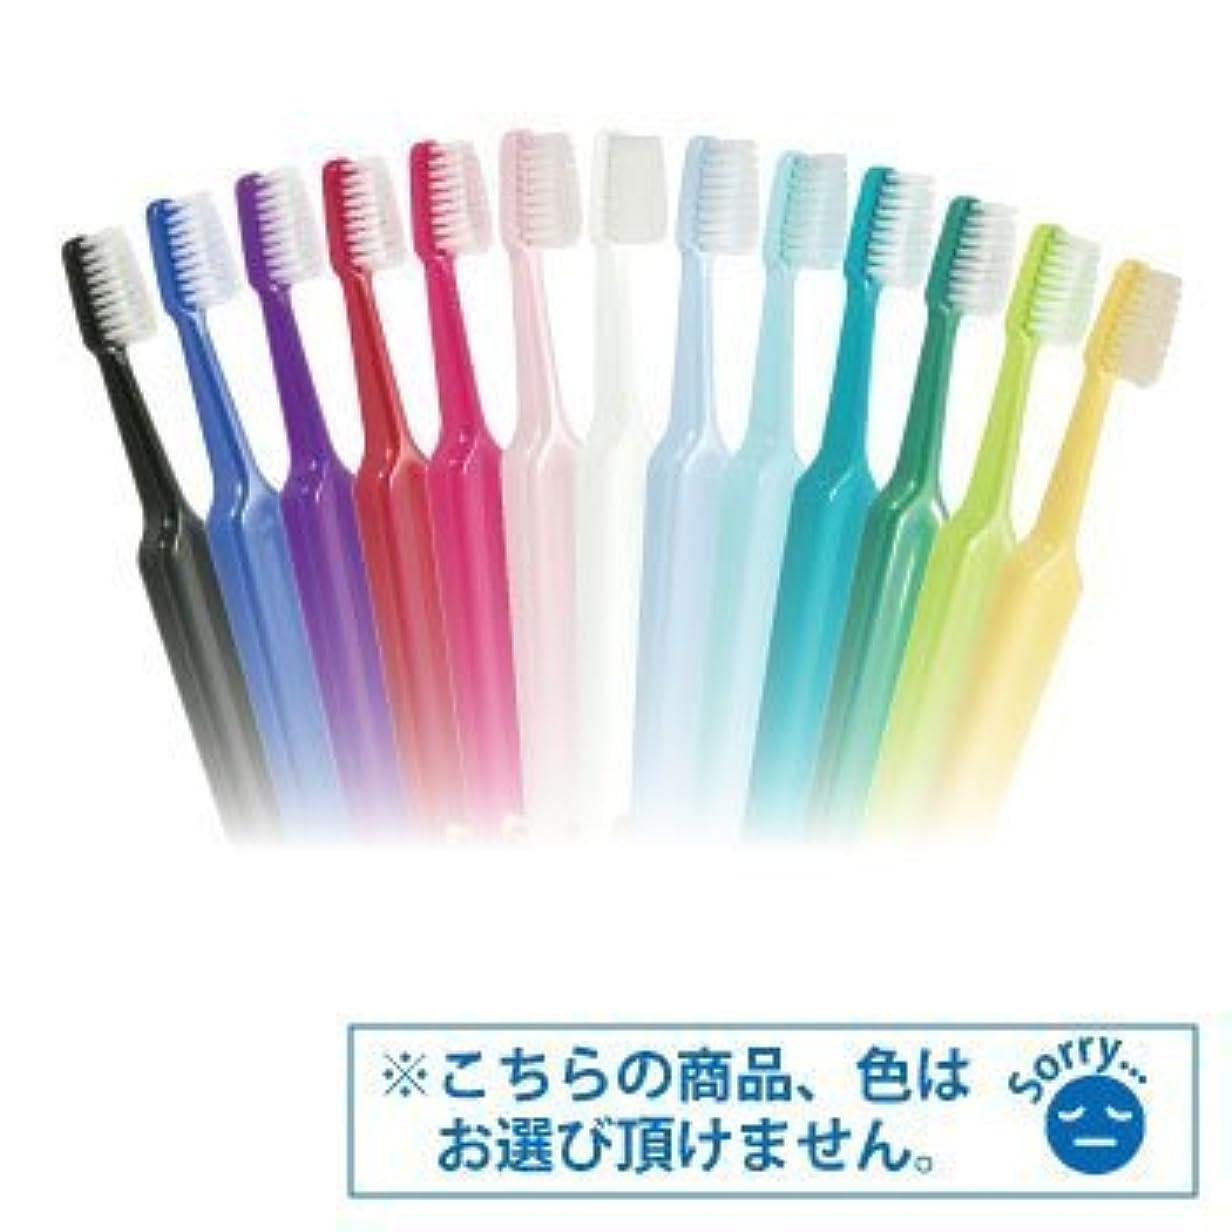 樫の木ホバーコンパイルTepe歯ブラシ セレクトコンパクト /ソフト 20本入り